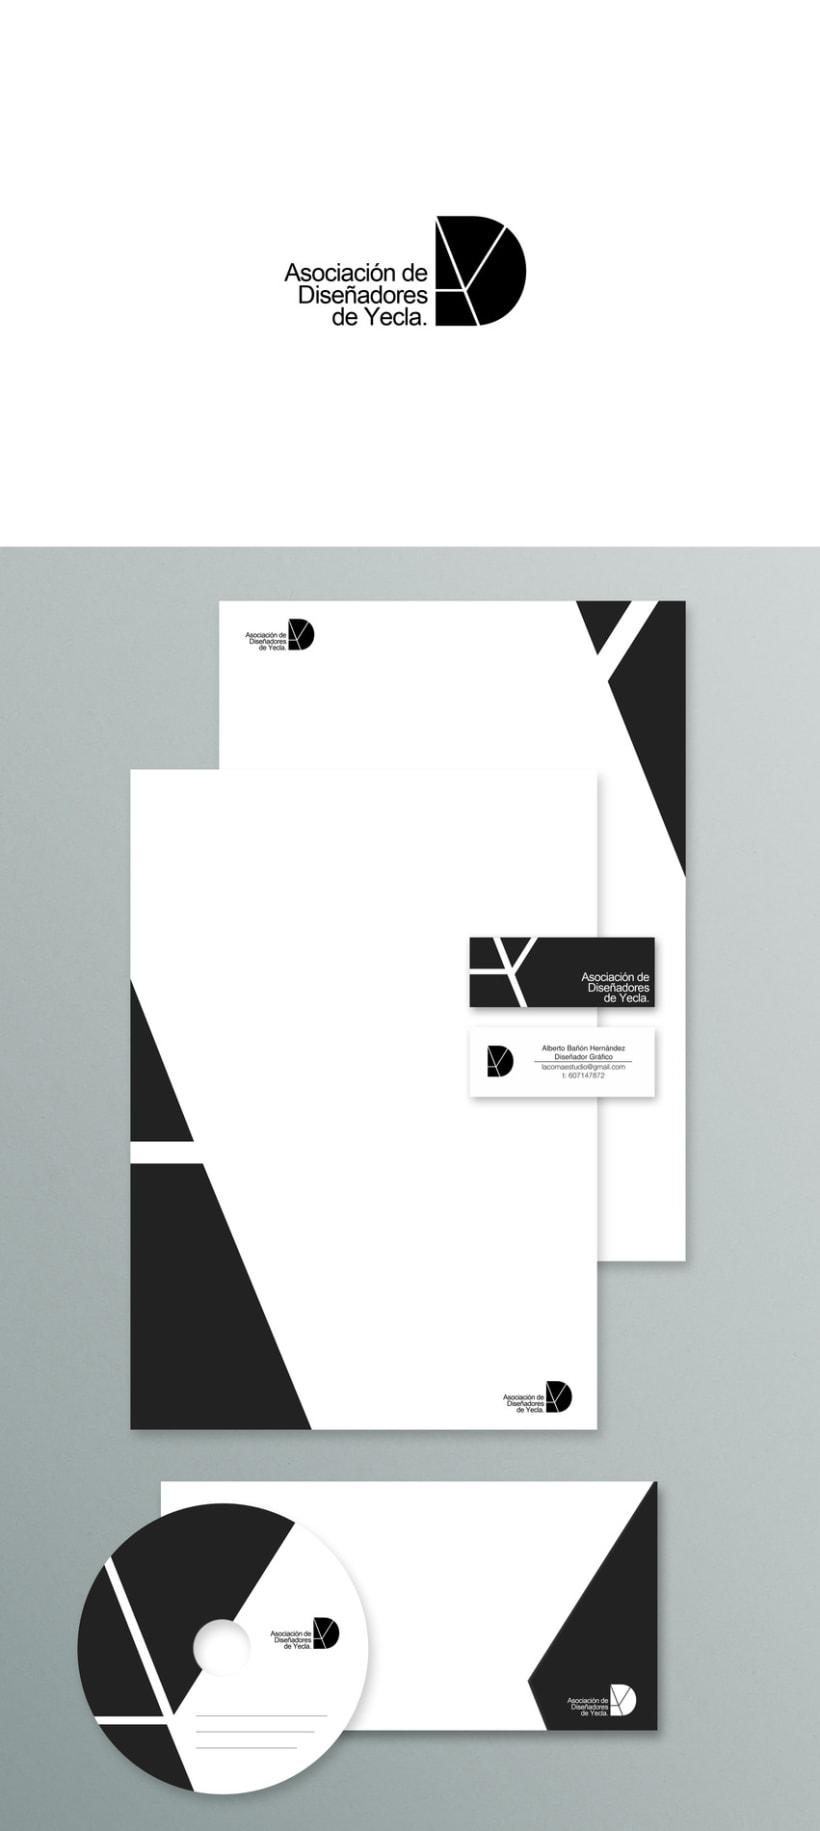 Asociación Diseñadores. 3